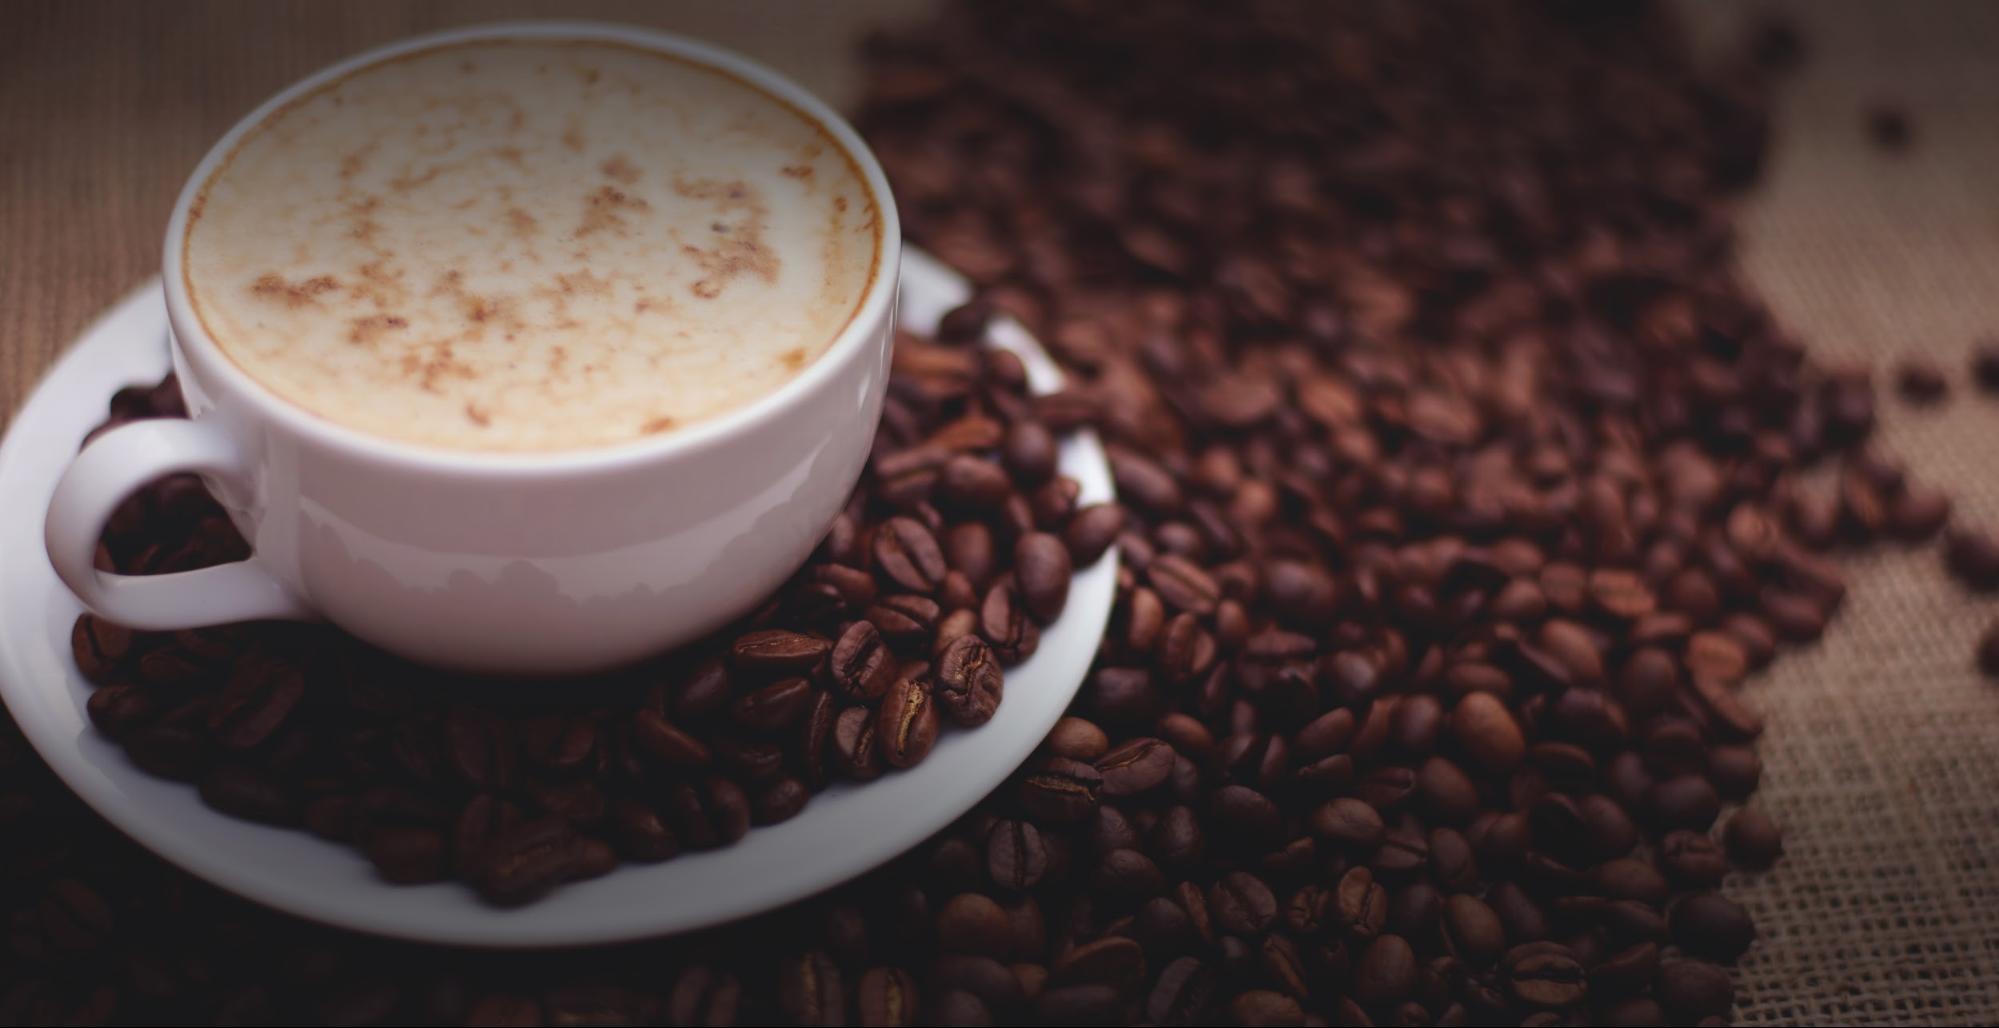 دليلك الشامل لاختيار أفضل أنواع ماكينات القهوة